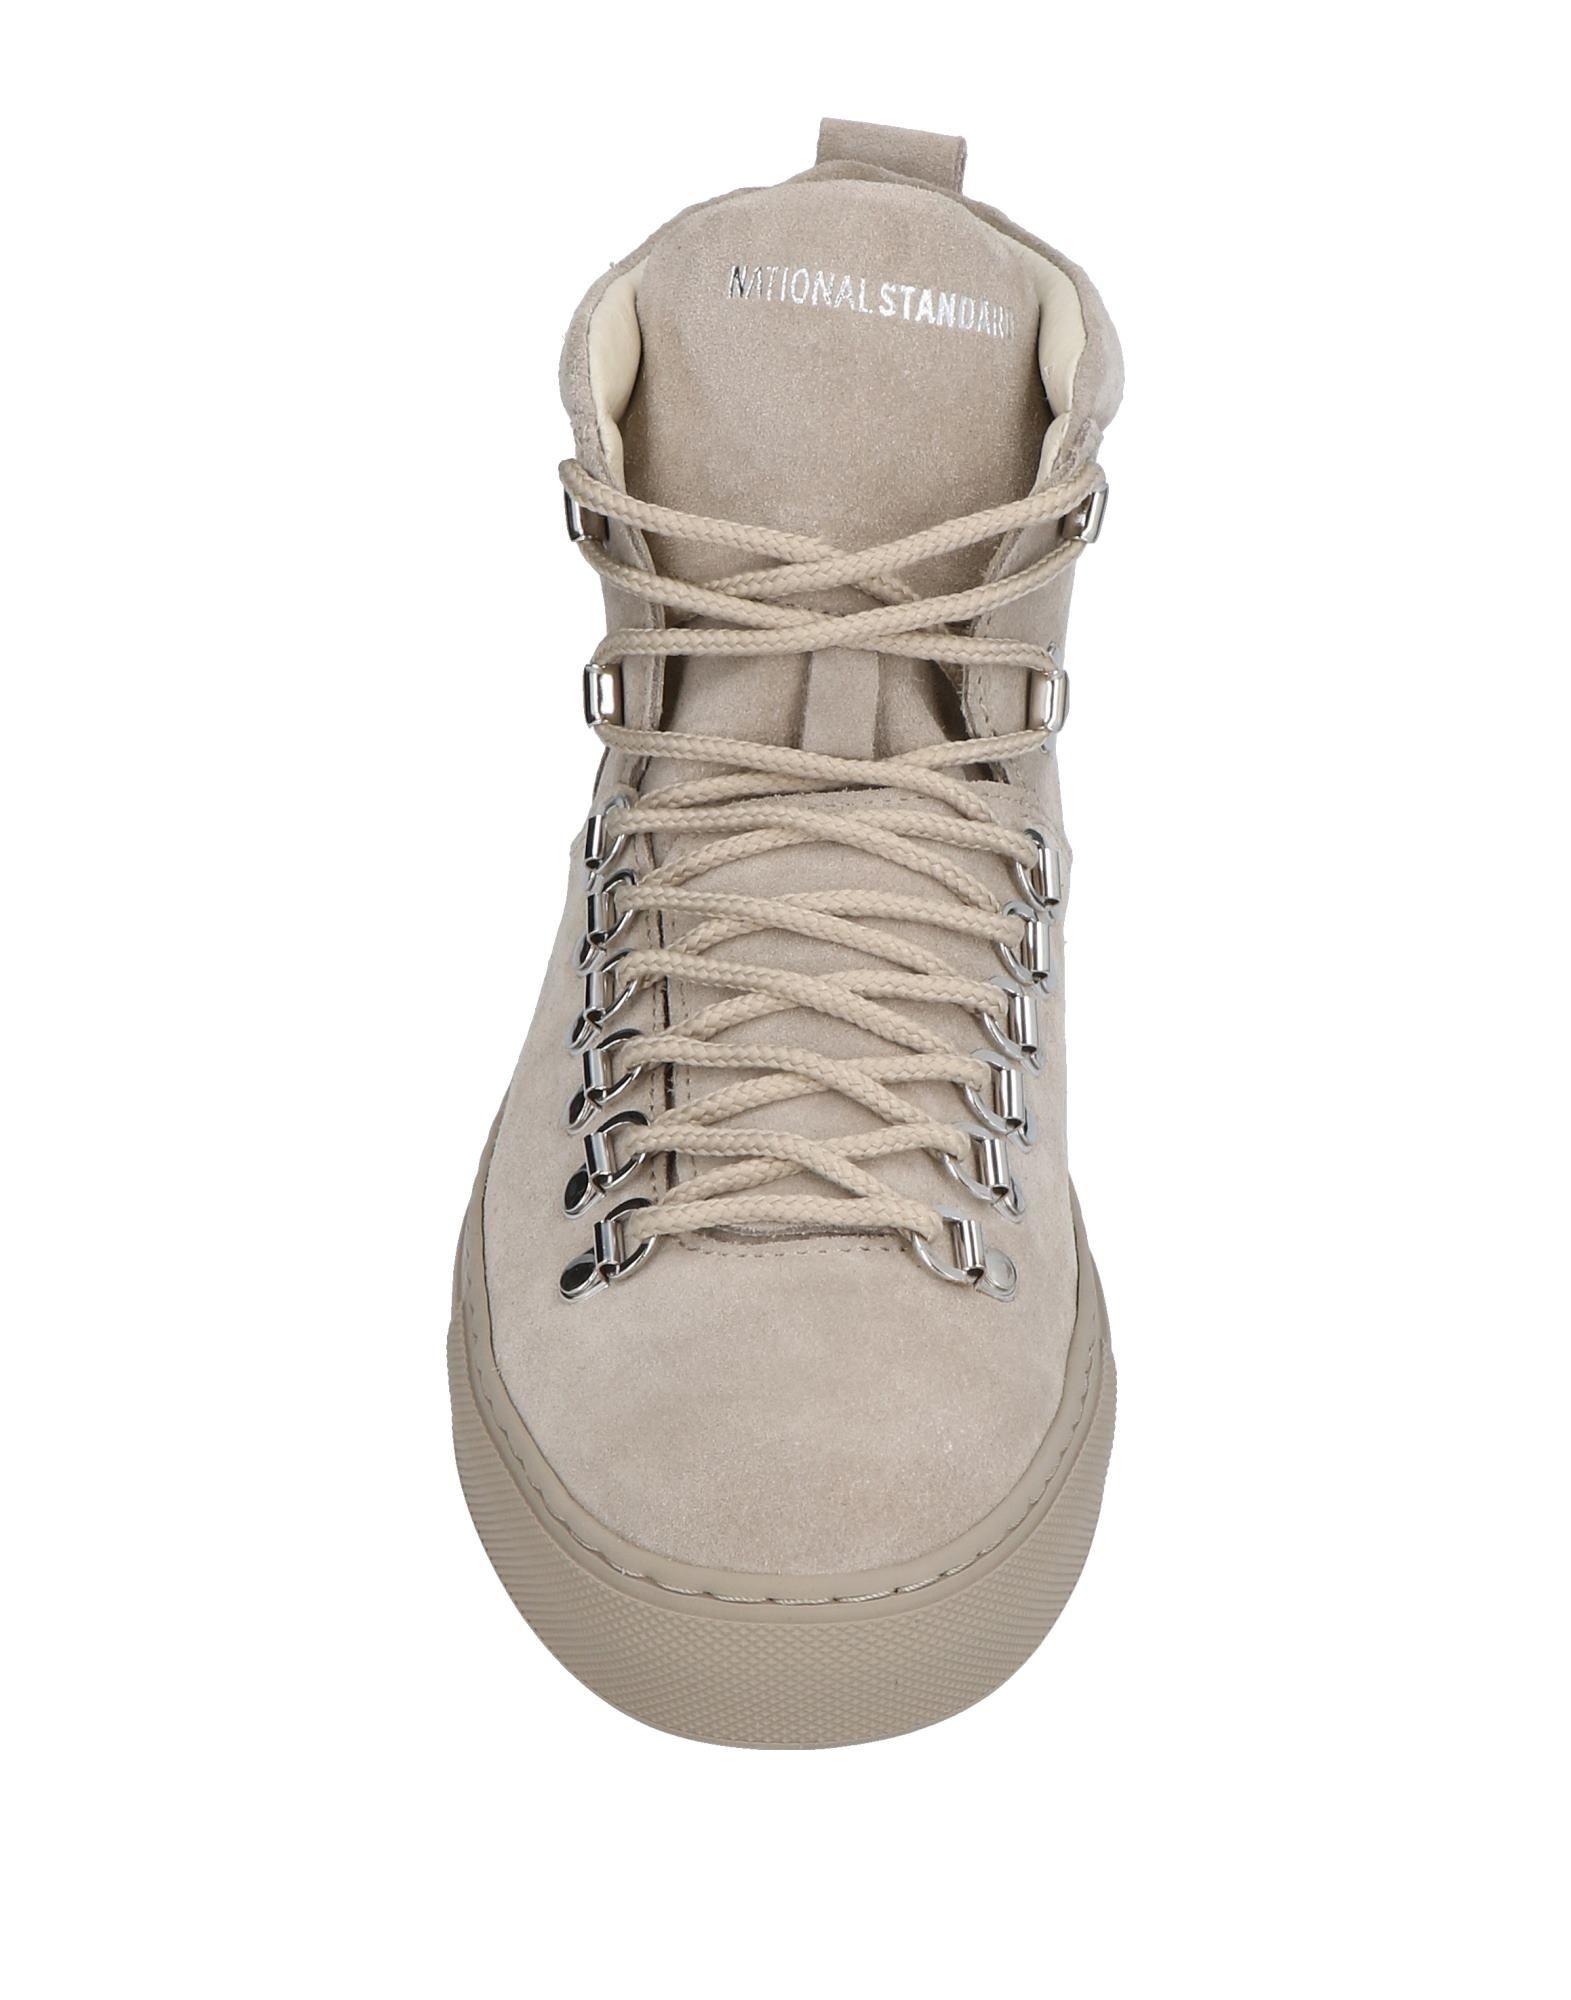 National Standard Sneakers Herren    11486632LW Neue Schuhe 4267a0